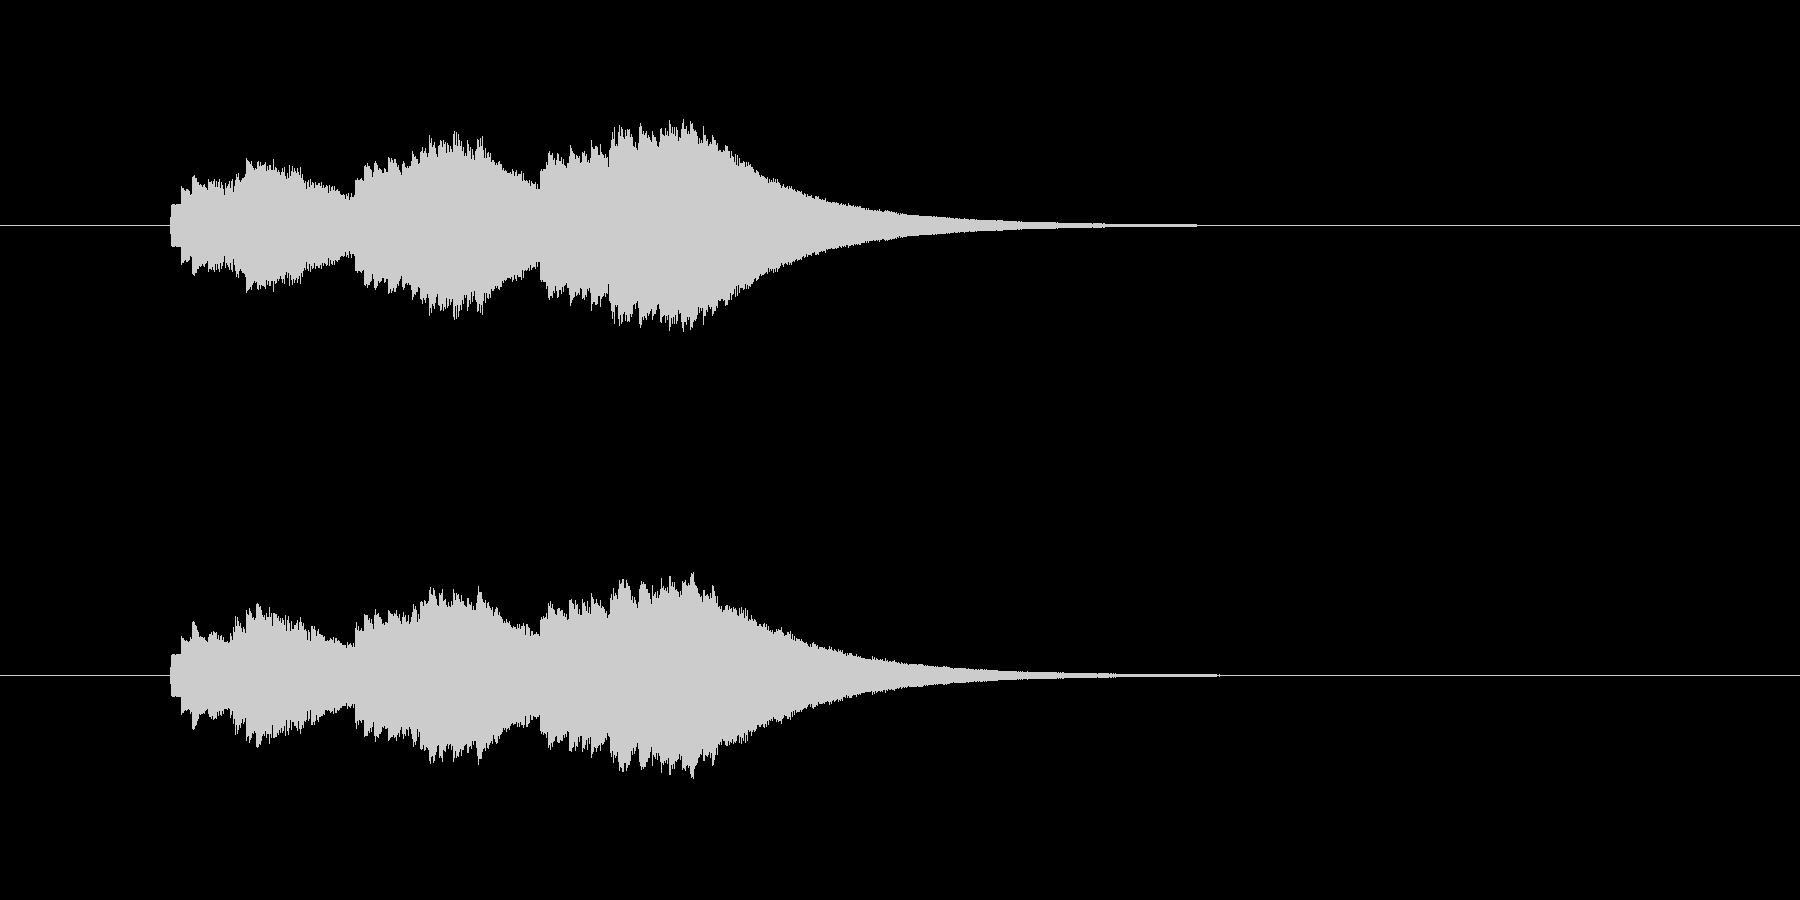 ファミコン音の未再生の波形